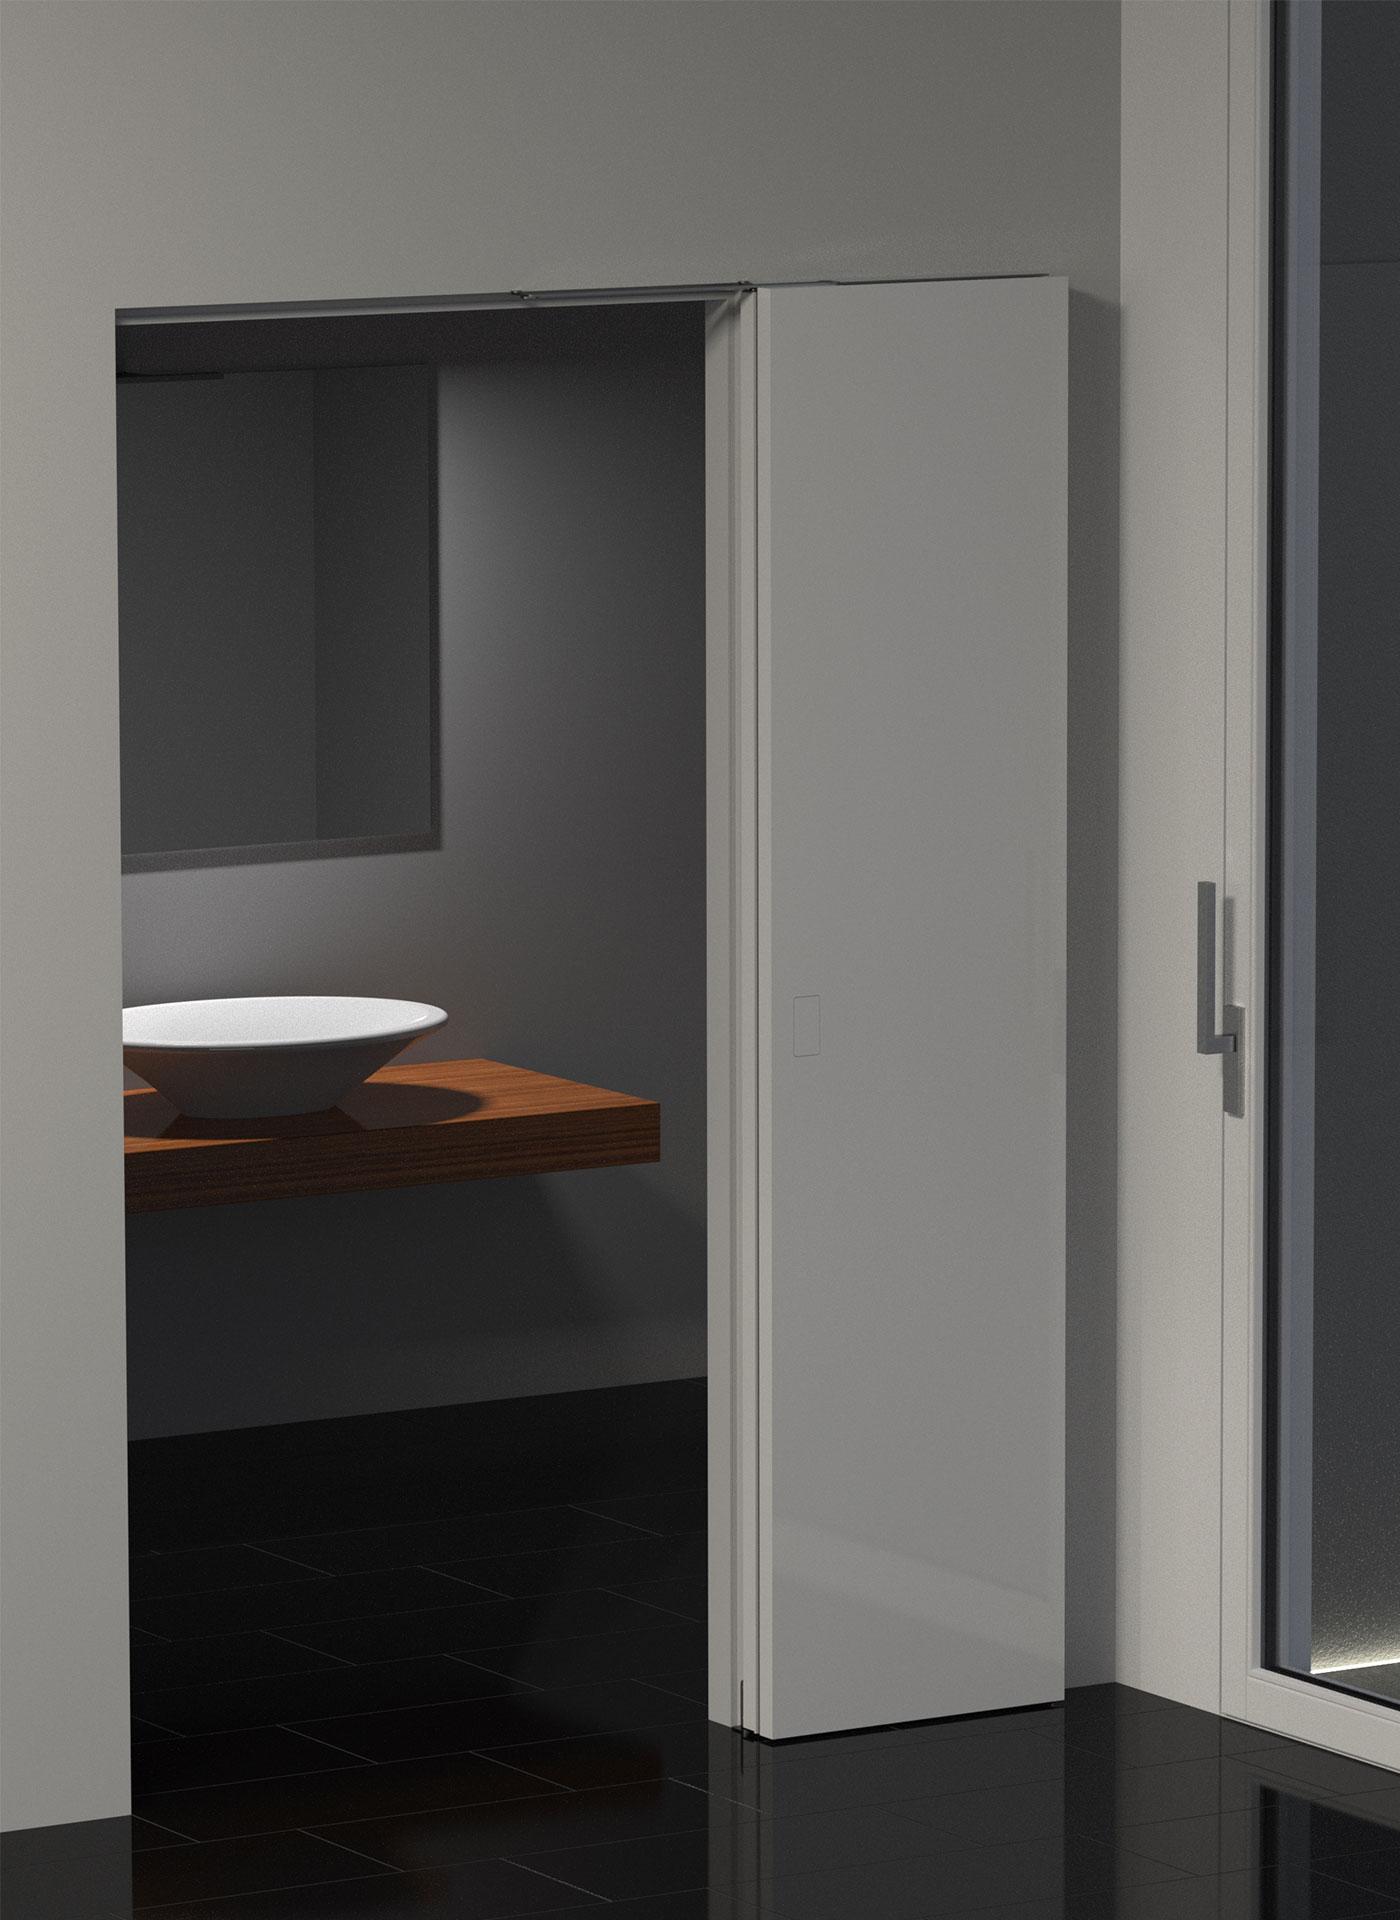 Porte Filo Muro Specchio porta filomuro pieghevole 180 gradi - evoline3